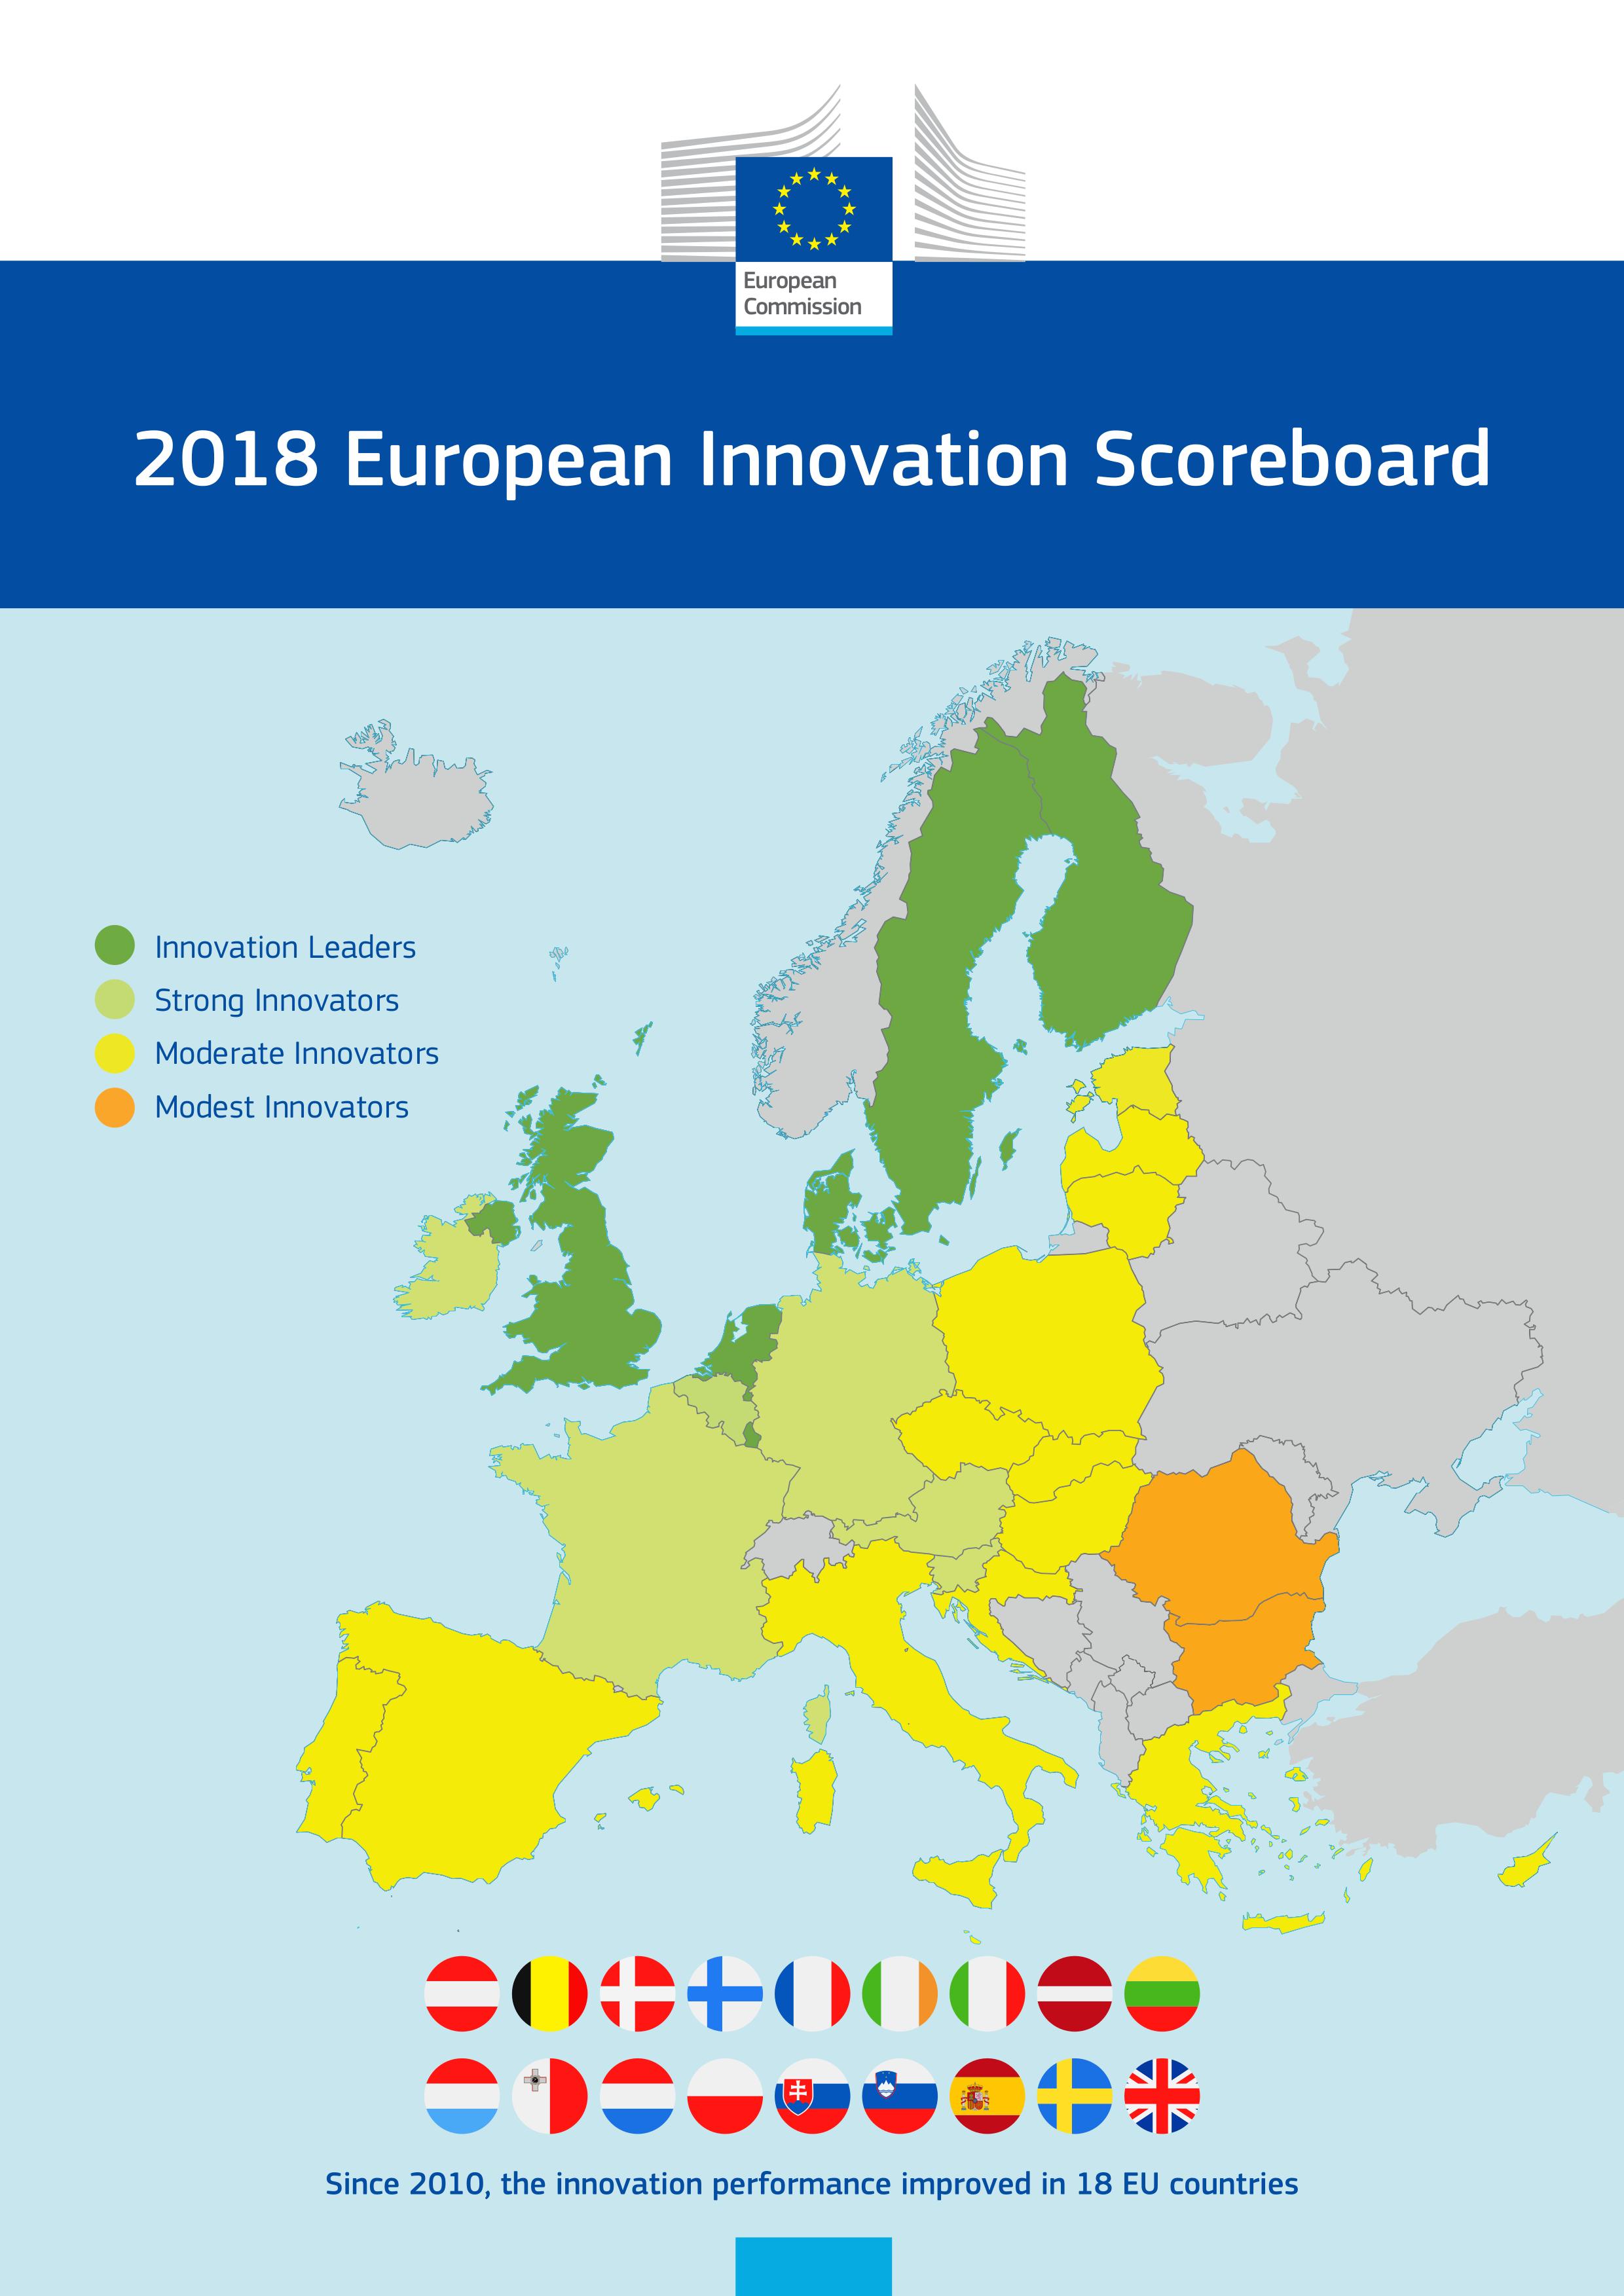 Mapa ukazuje kraje UE w omawianym zestawieniu. Kraje zaznaczone na zielono są bardzo przyjazne innowacjom, na żółto - neutralne a na pomarańczowo - mało innowacyjne. (fot. ec.europa.eu)